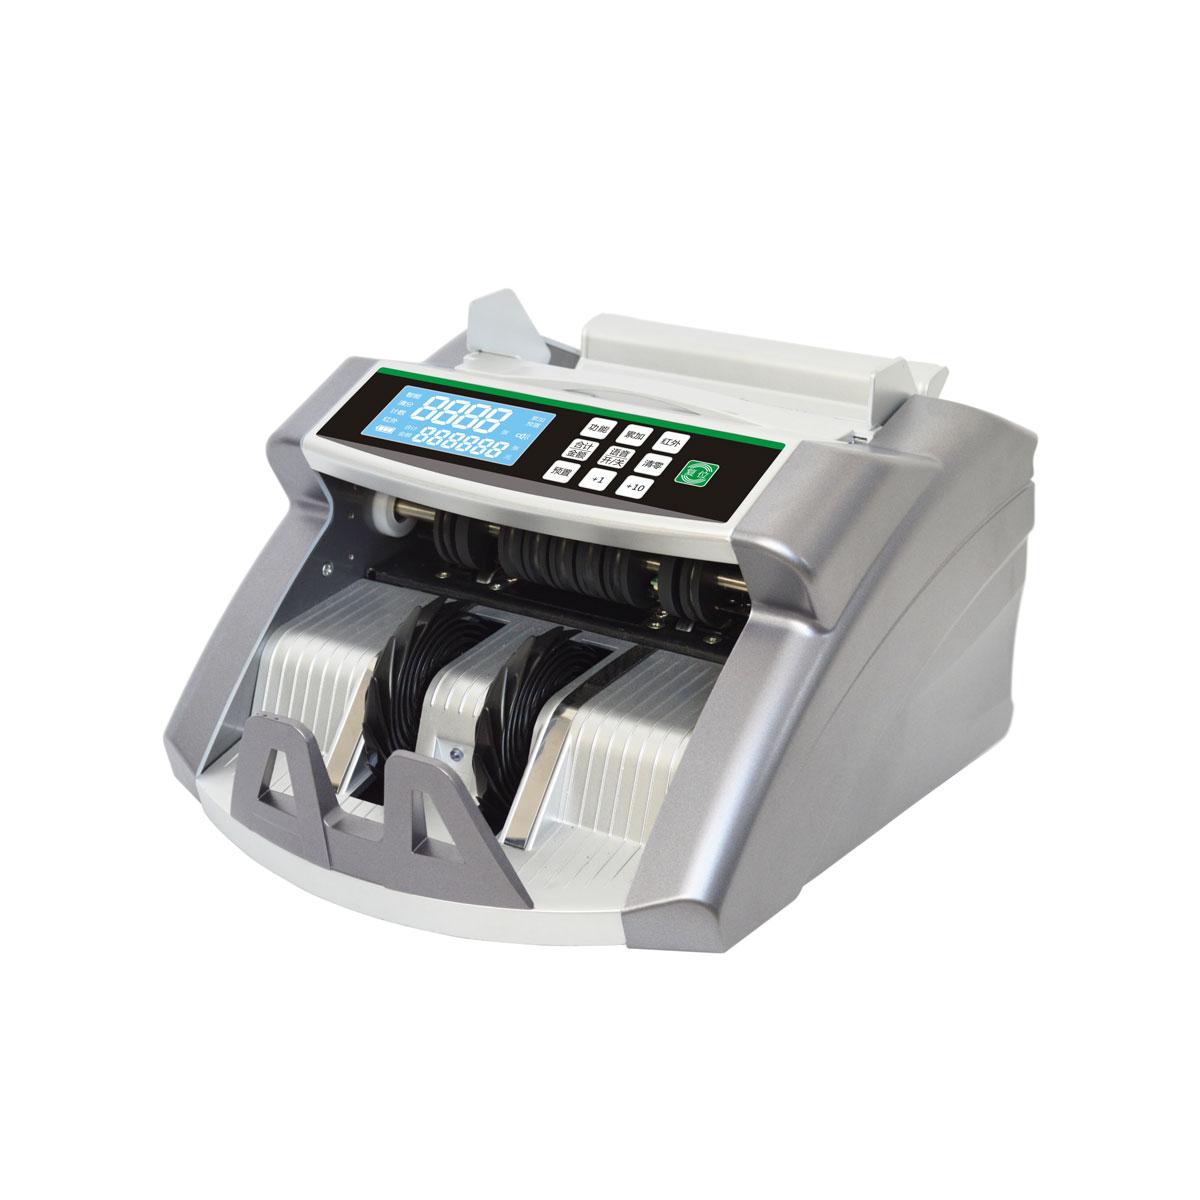 浩顺HS-3211电瓶机点钞机